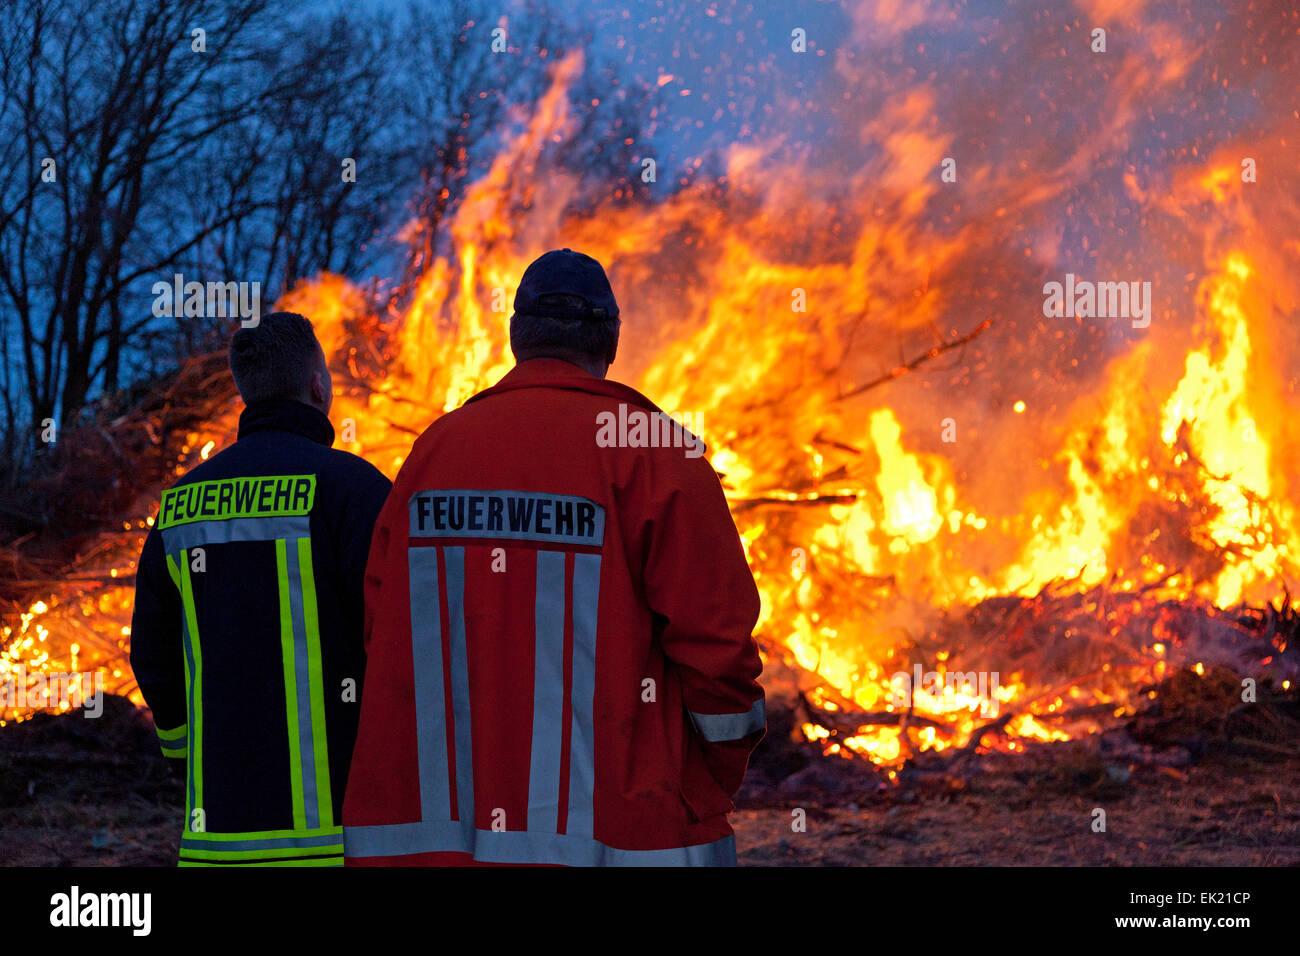 Feuerwehrleute beobachten Osterfeuer, Neetze, Niedersachsen, Deutschland Stockbild